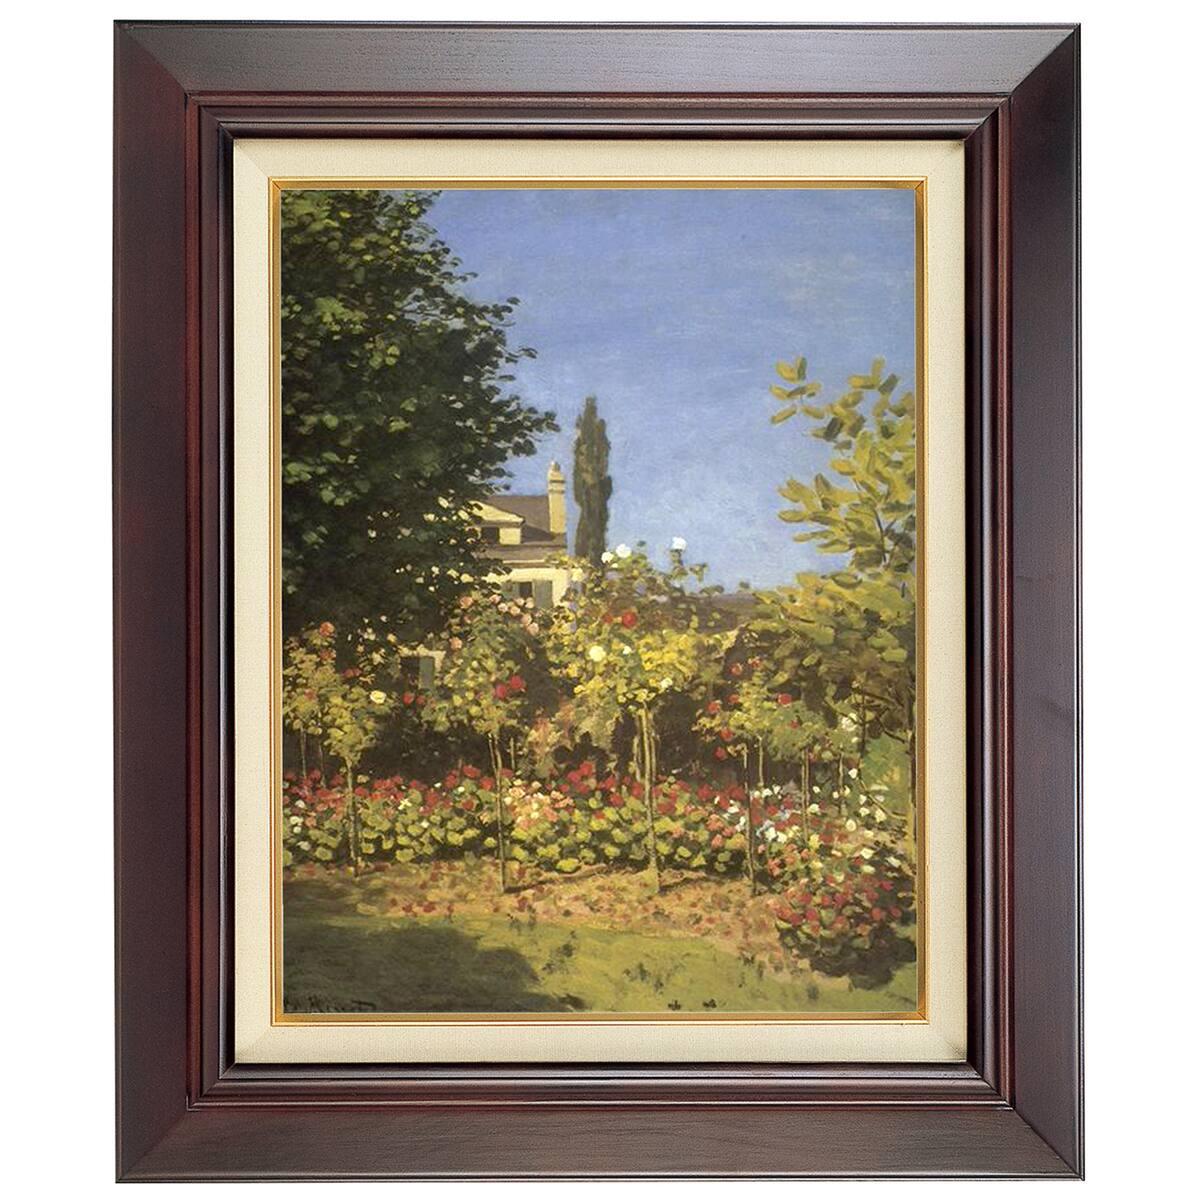 ラーソン・ジュール 油絵用額縁 A140 F0 セピア